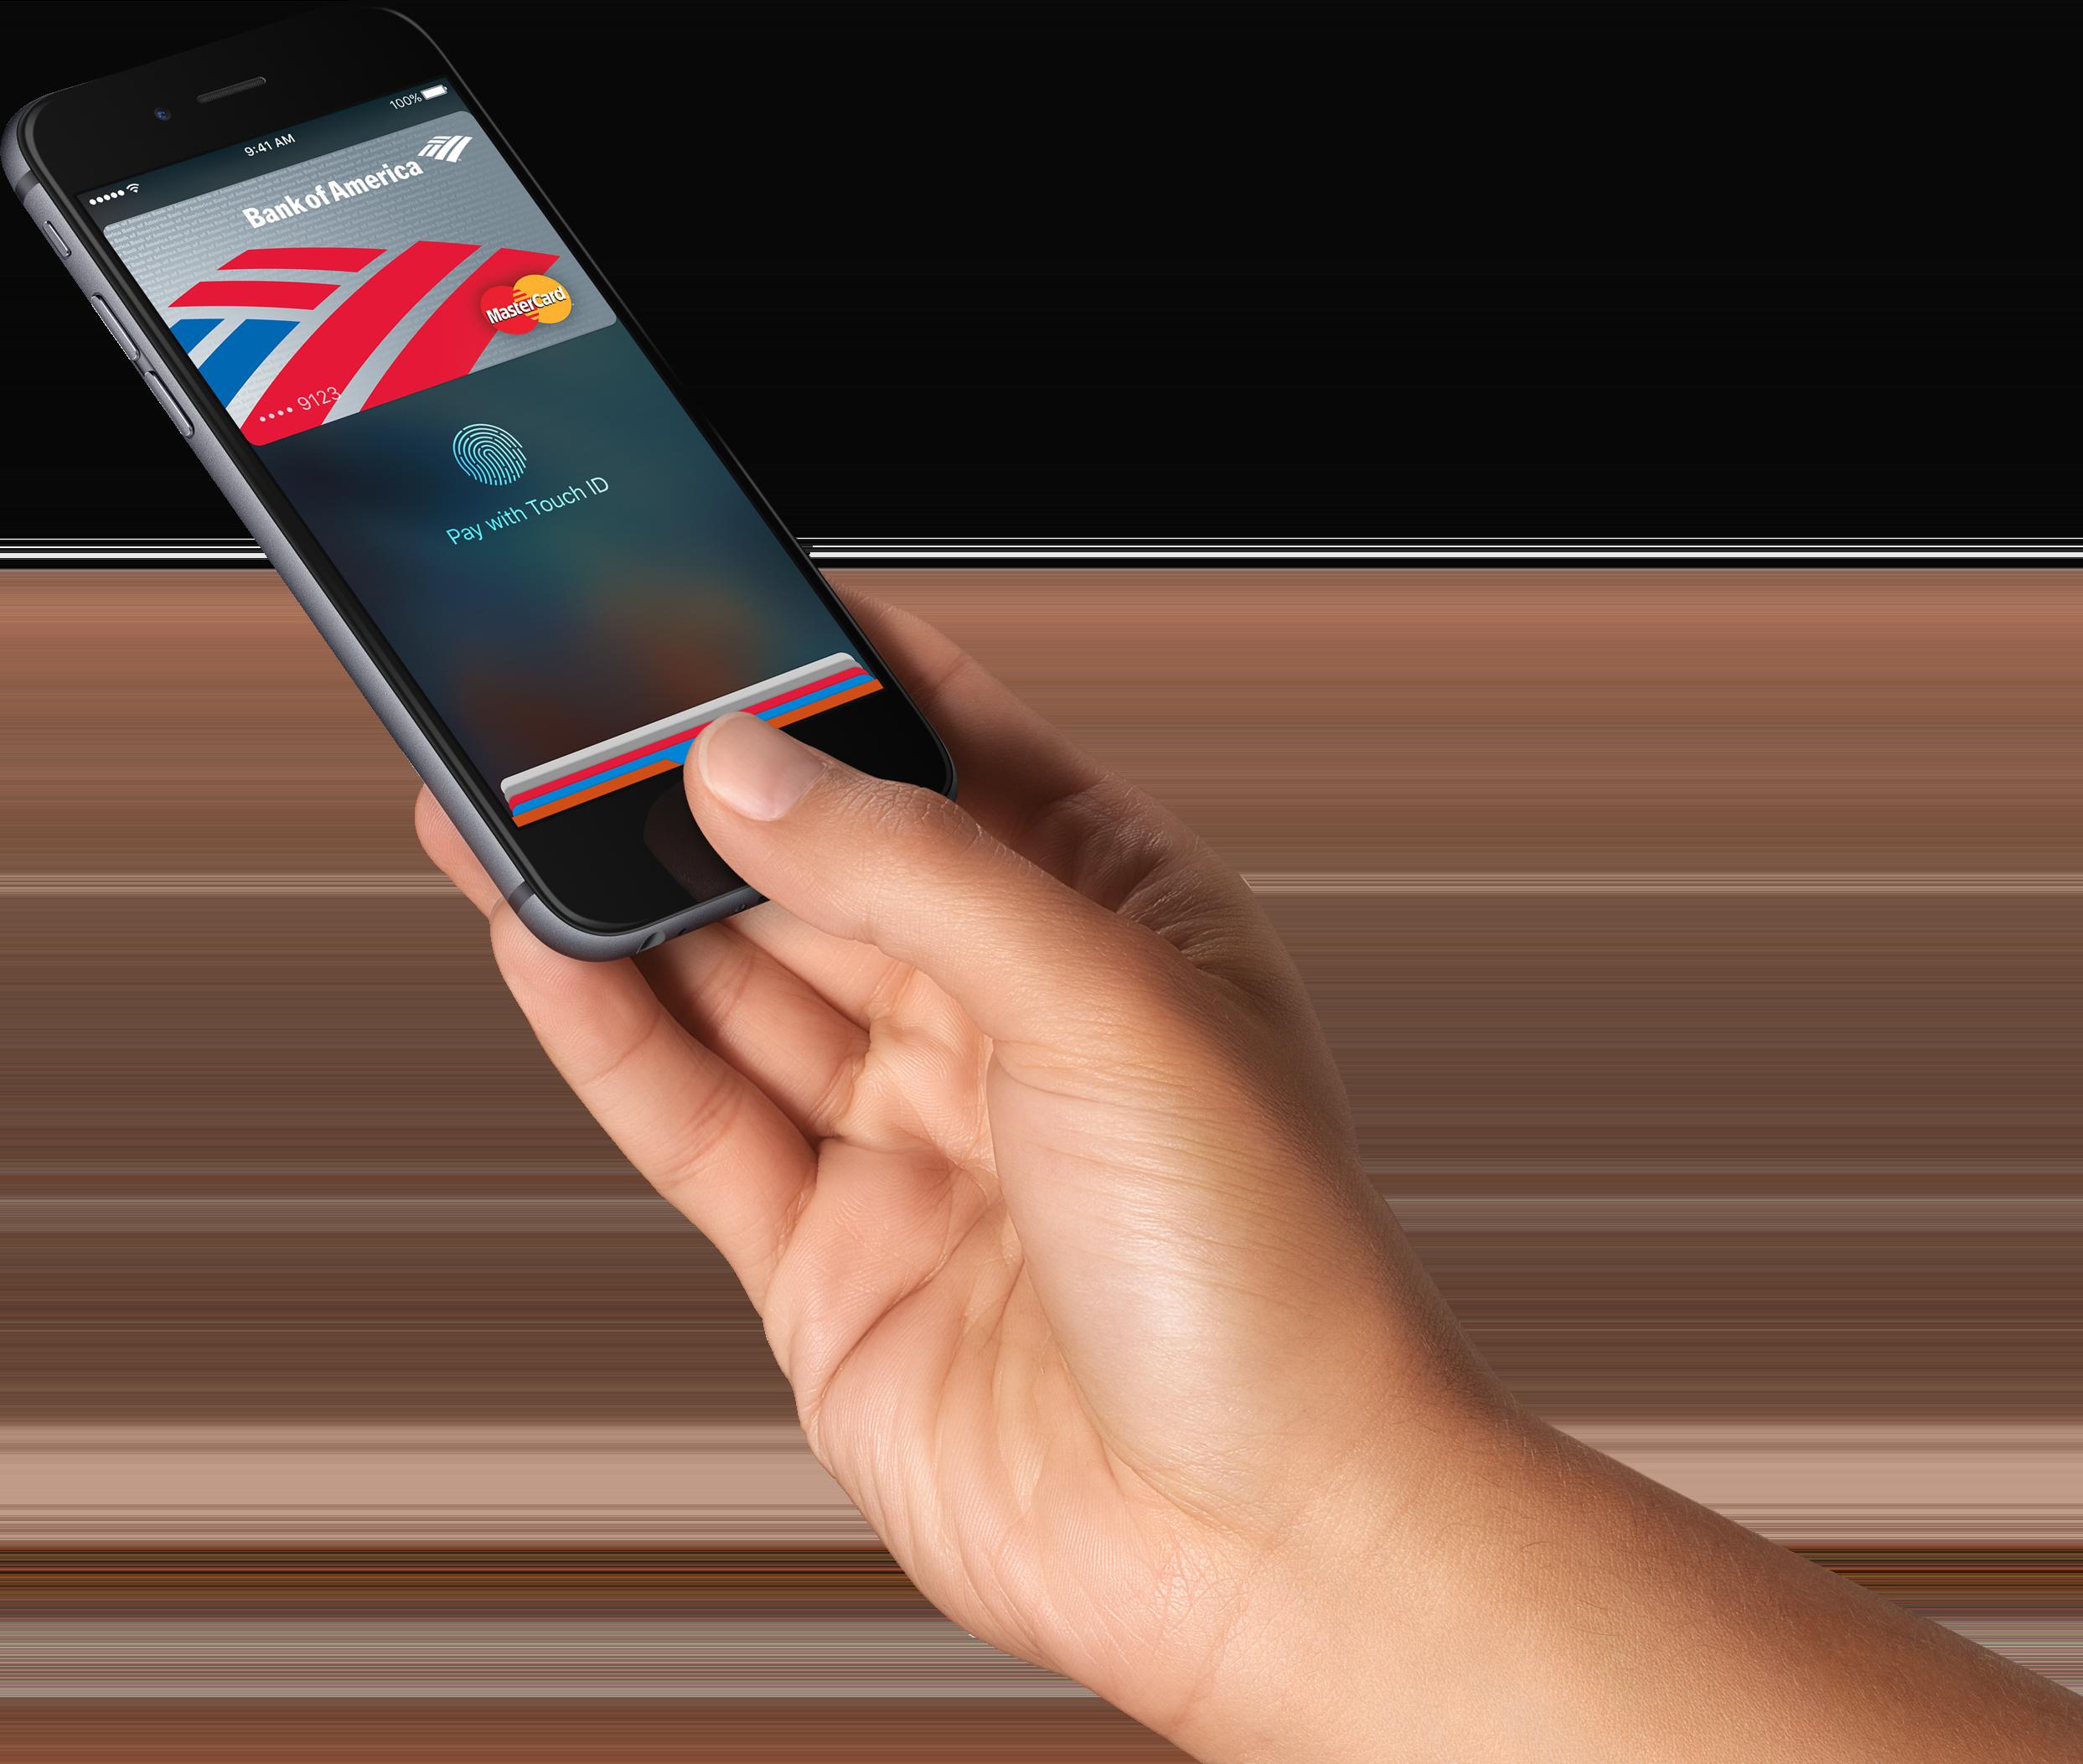 Mão segurando iPhone com o Apple Pay